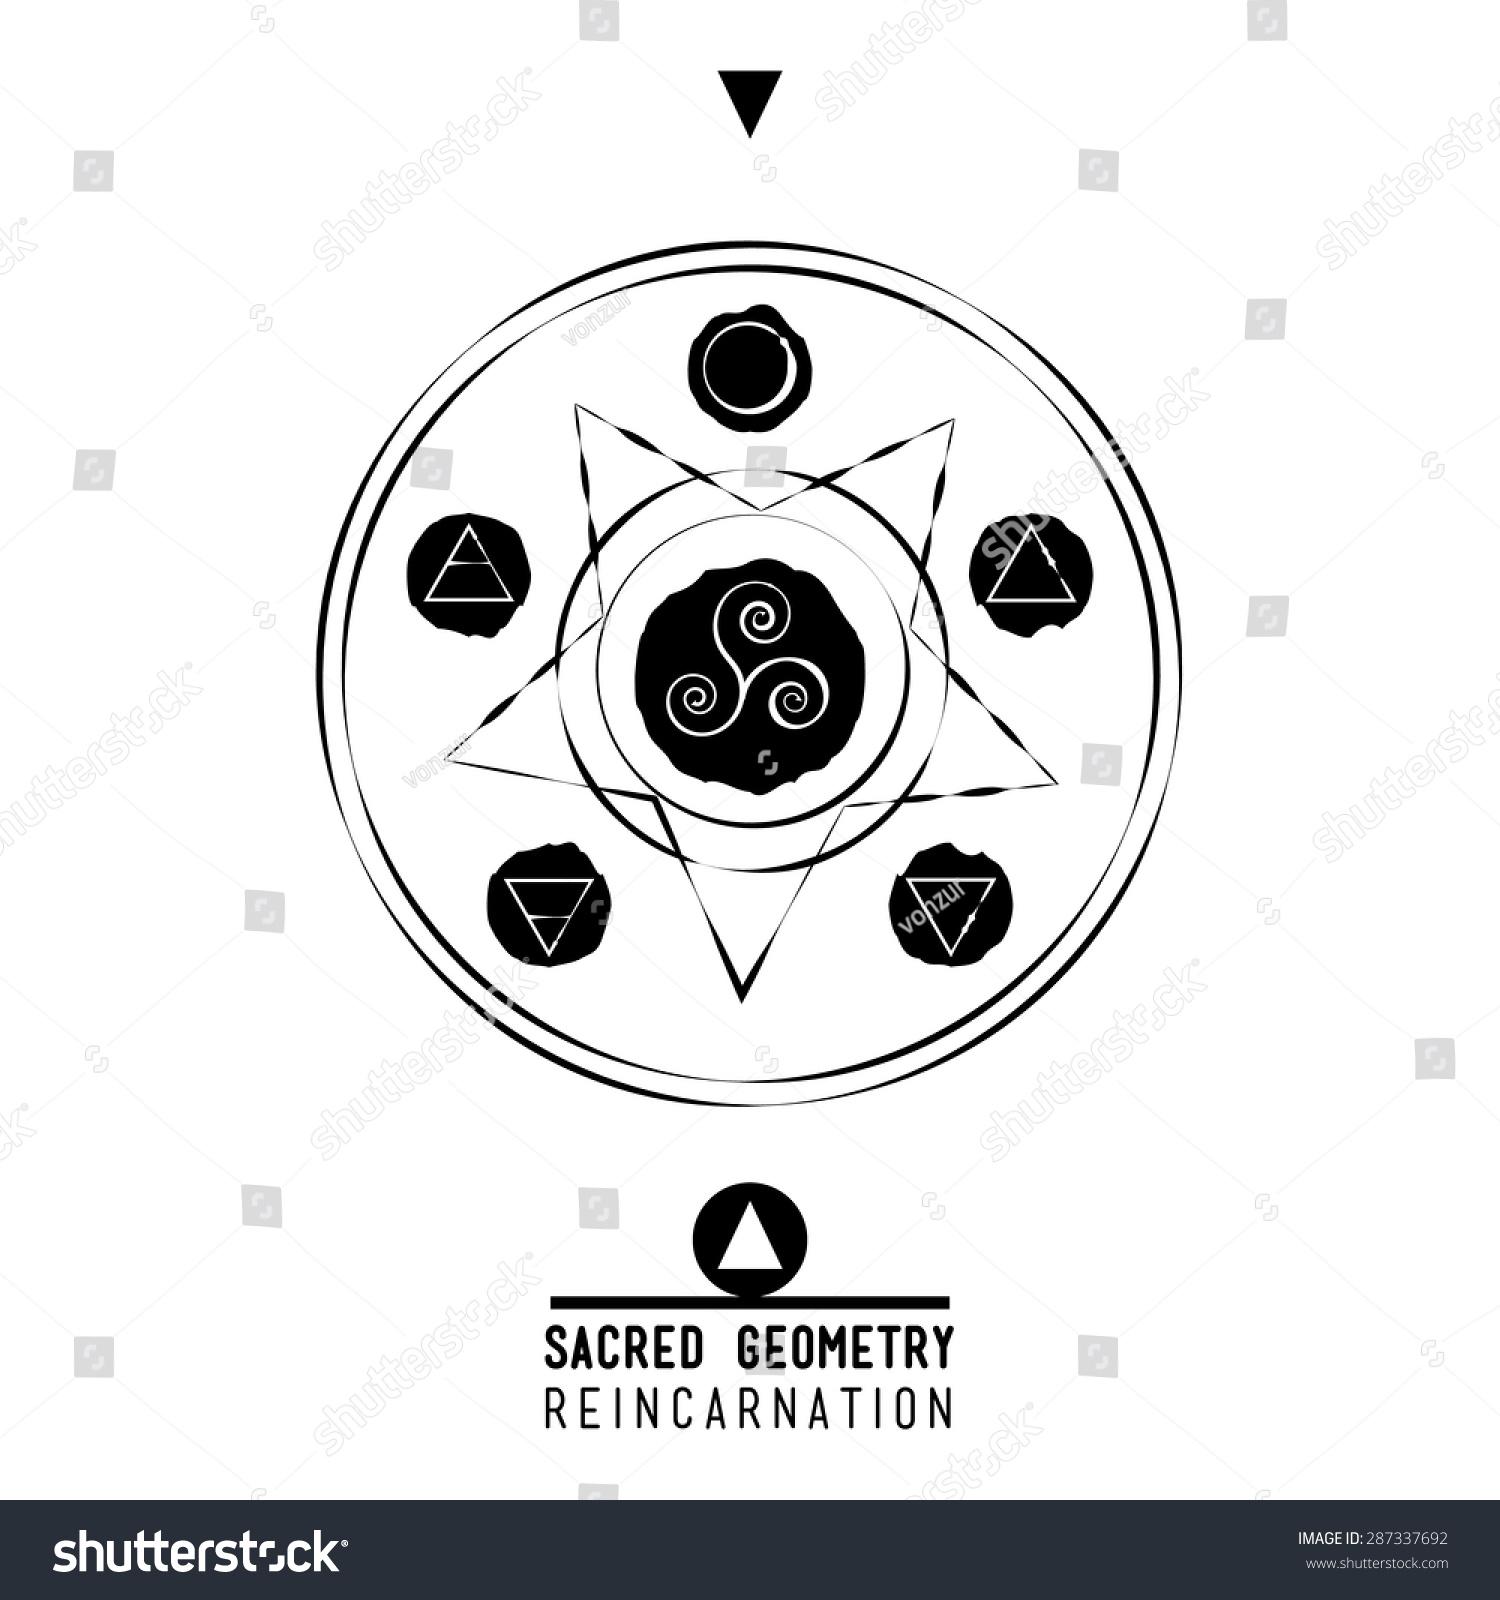 Reincarnation Symbol Buddhism | www.imgkid.com - The Image ...